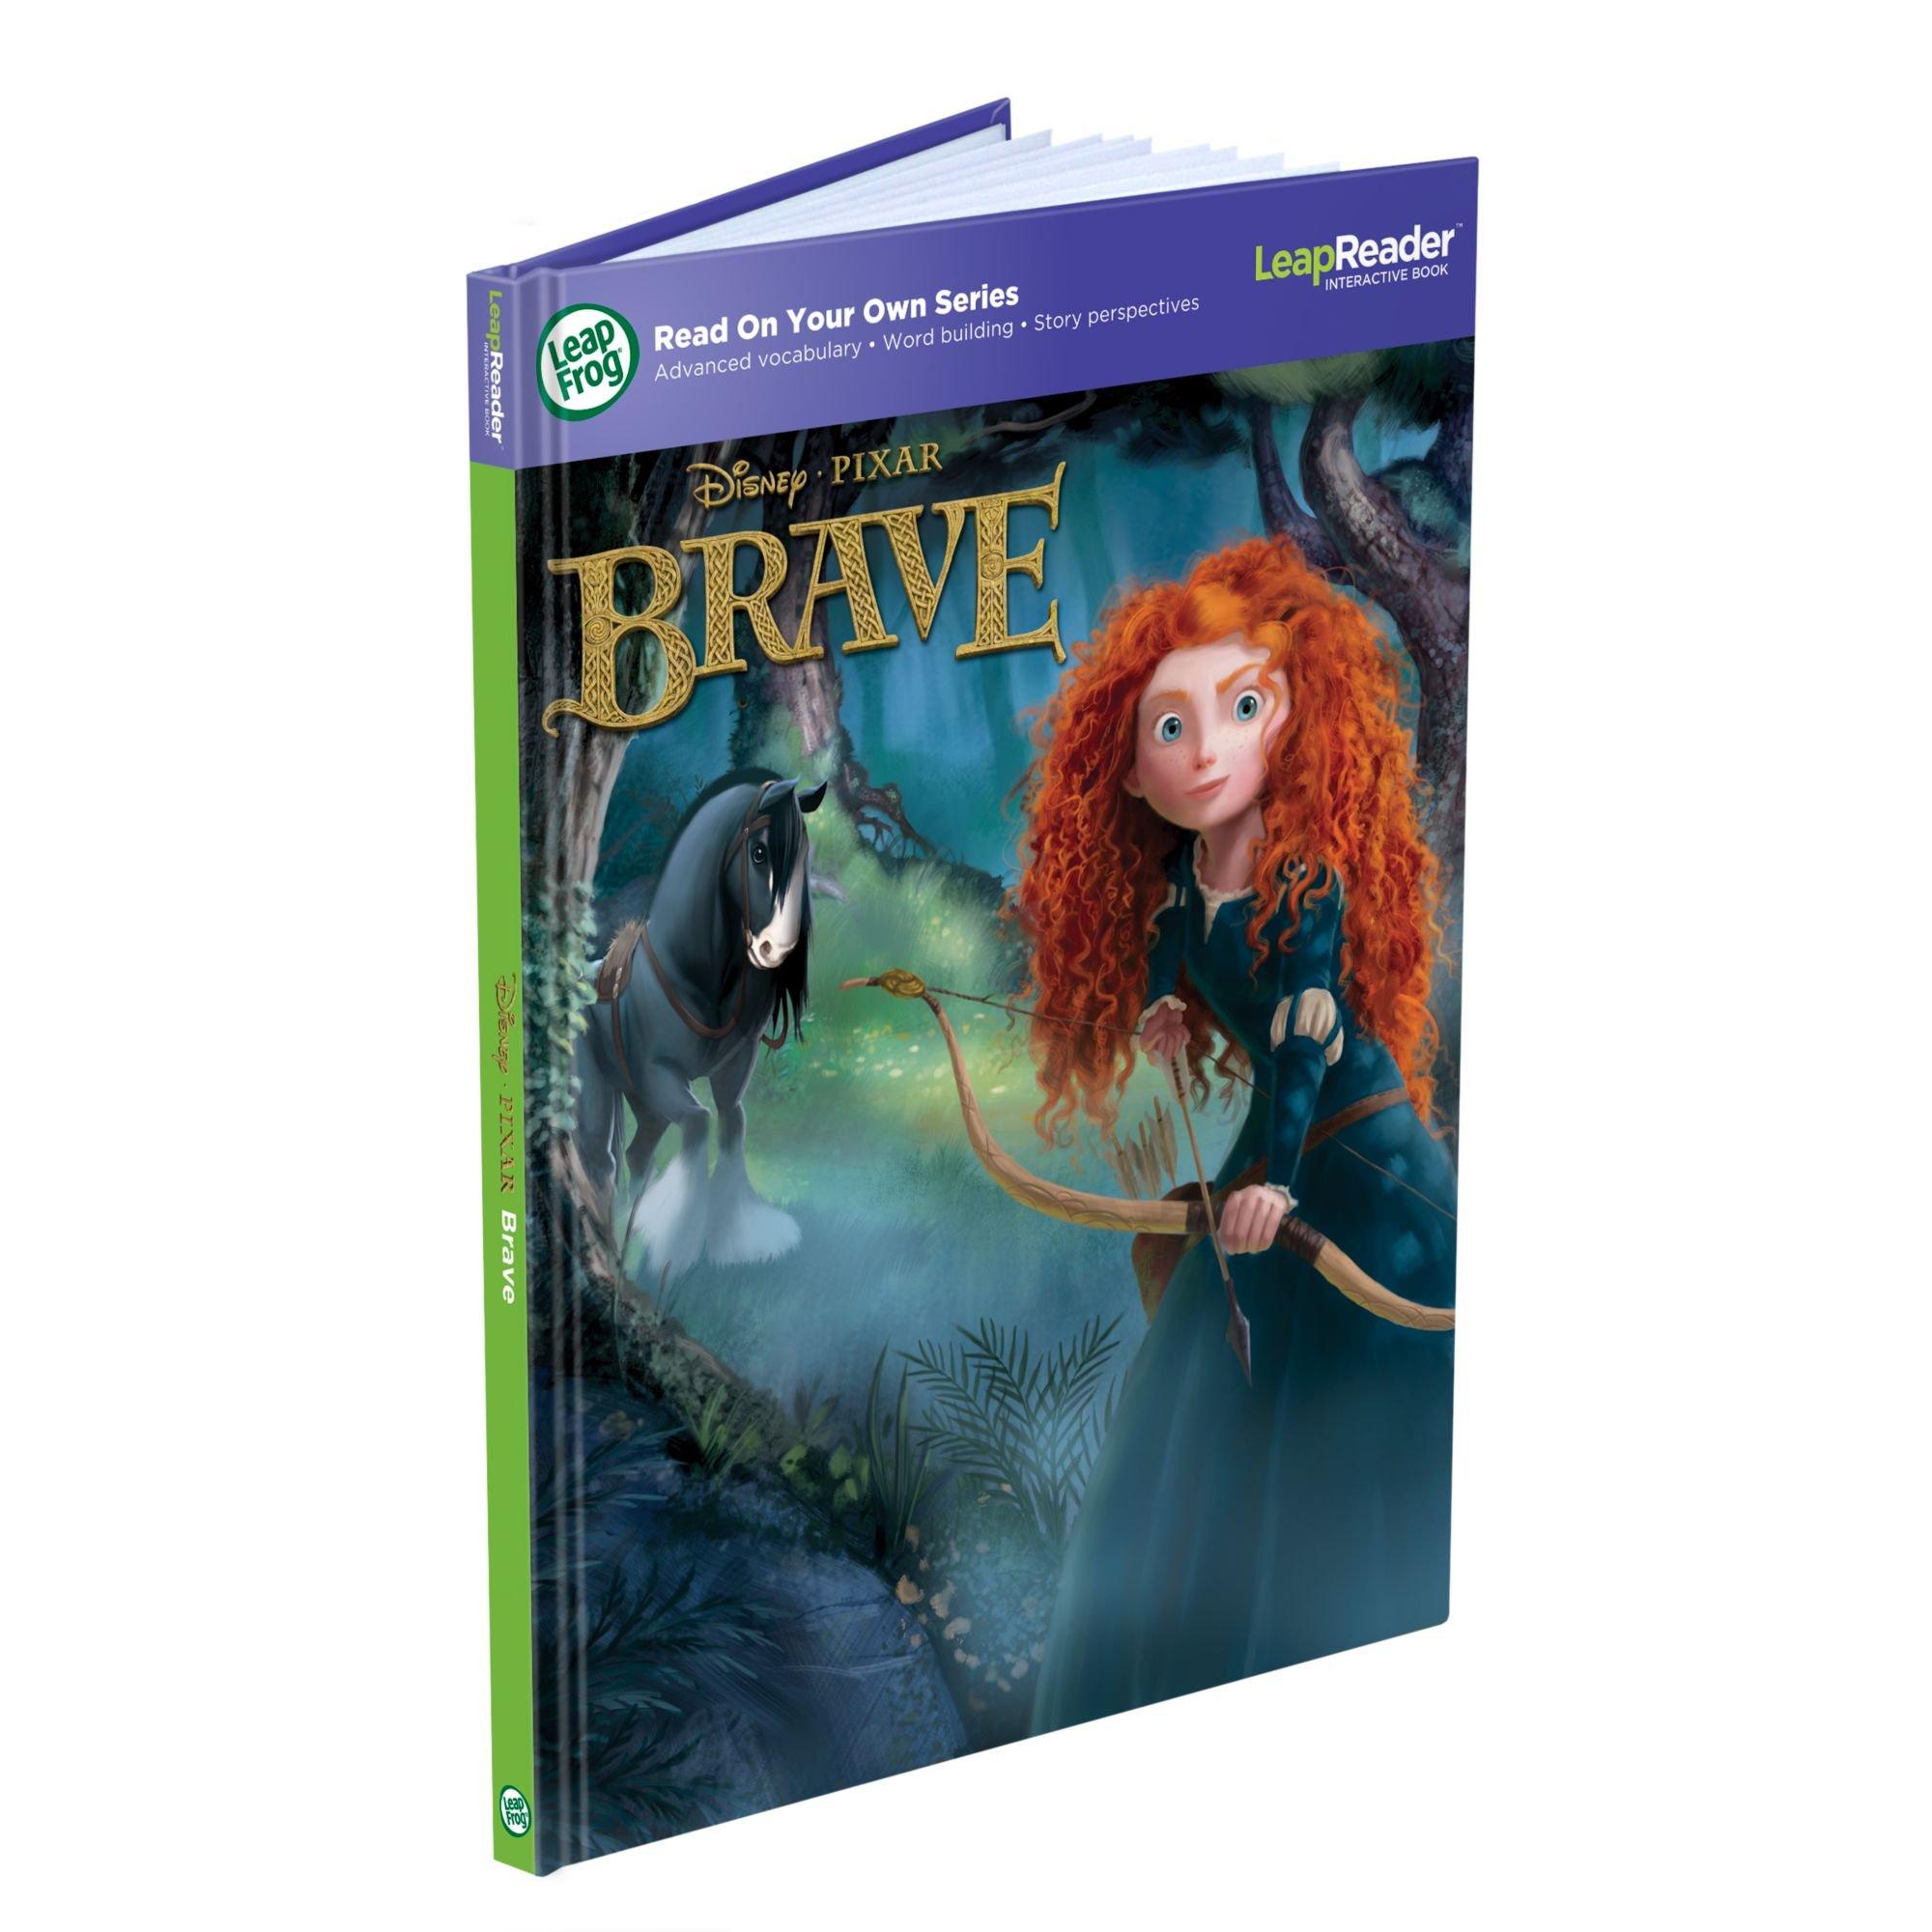 LeapFrog LeapReader Book: Disney·Pixar Brave (works with Tag)